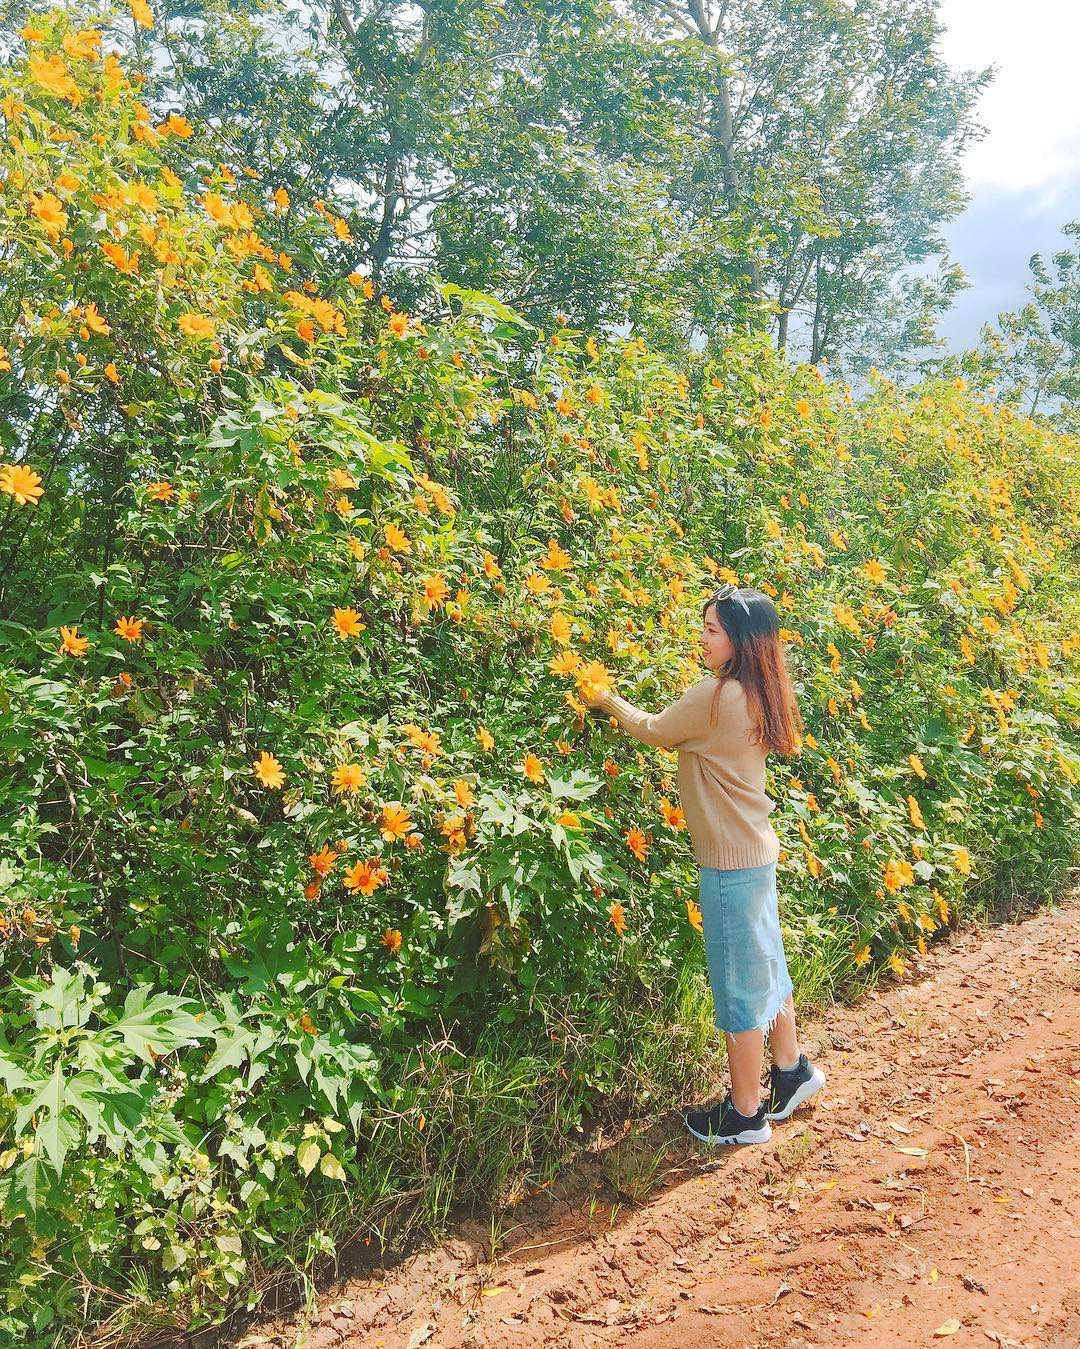 hình ảnh hoa dã quỳ 5